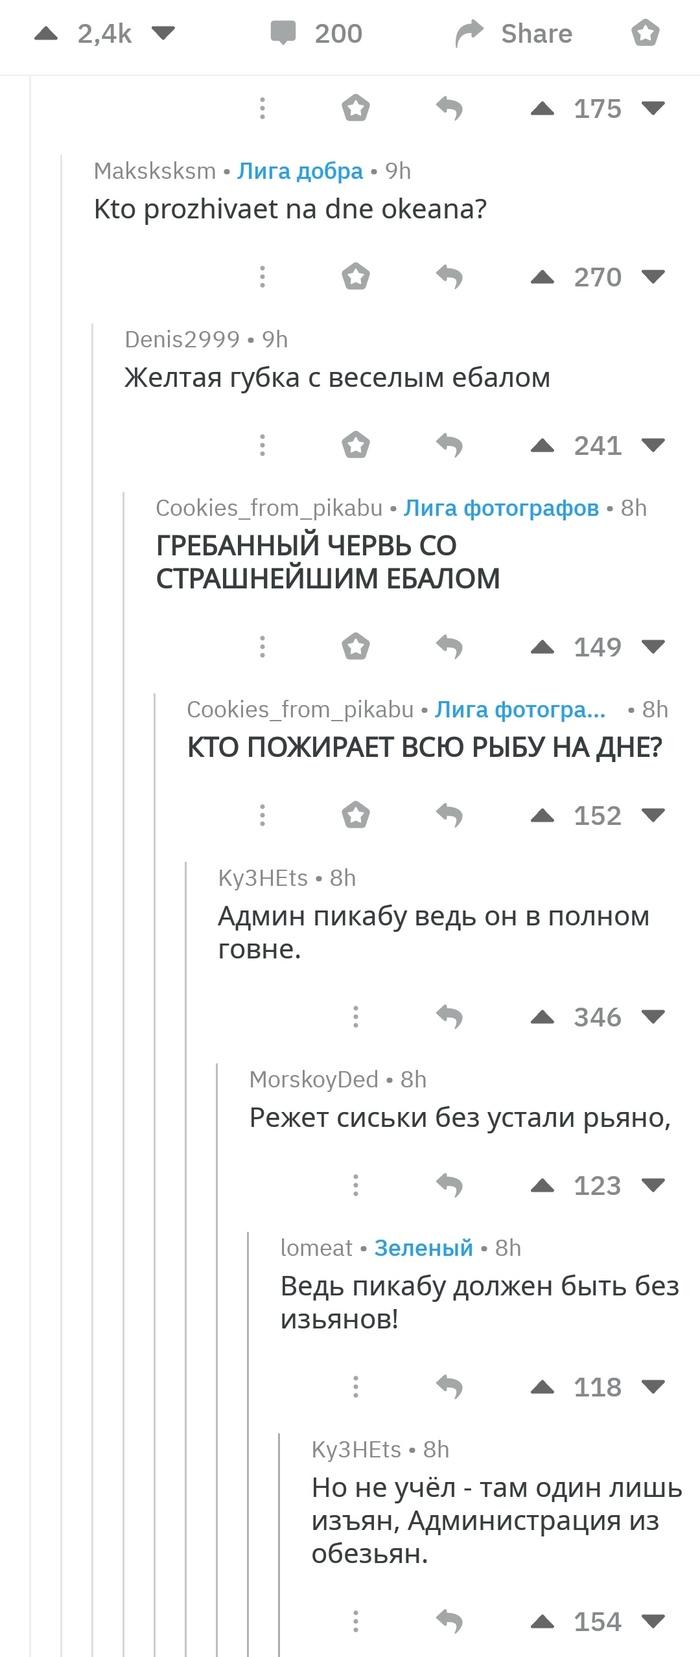 Тем временем на Реддите Скриншот, Reddit, Длиннопост